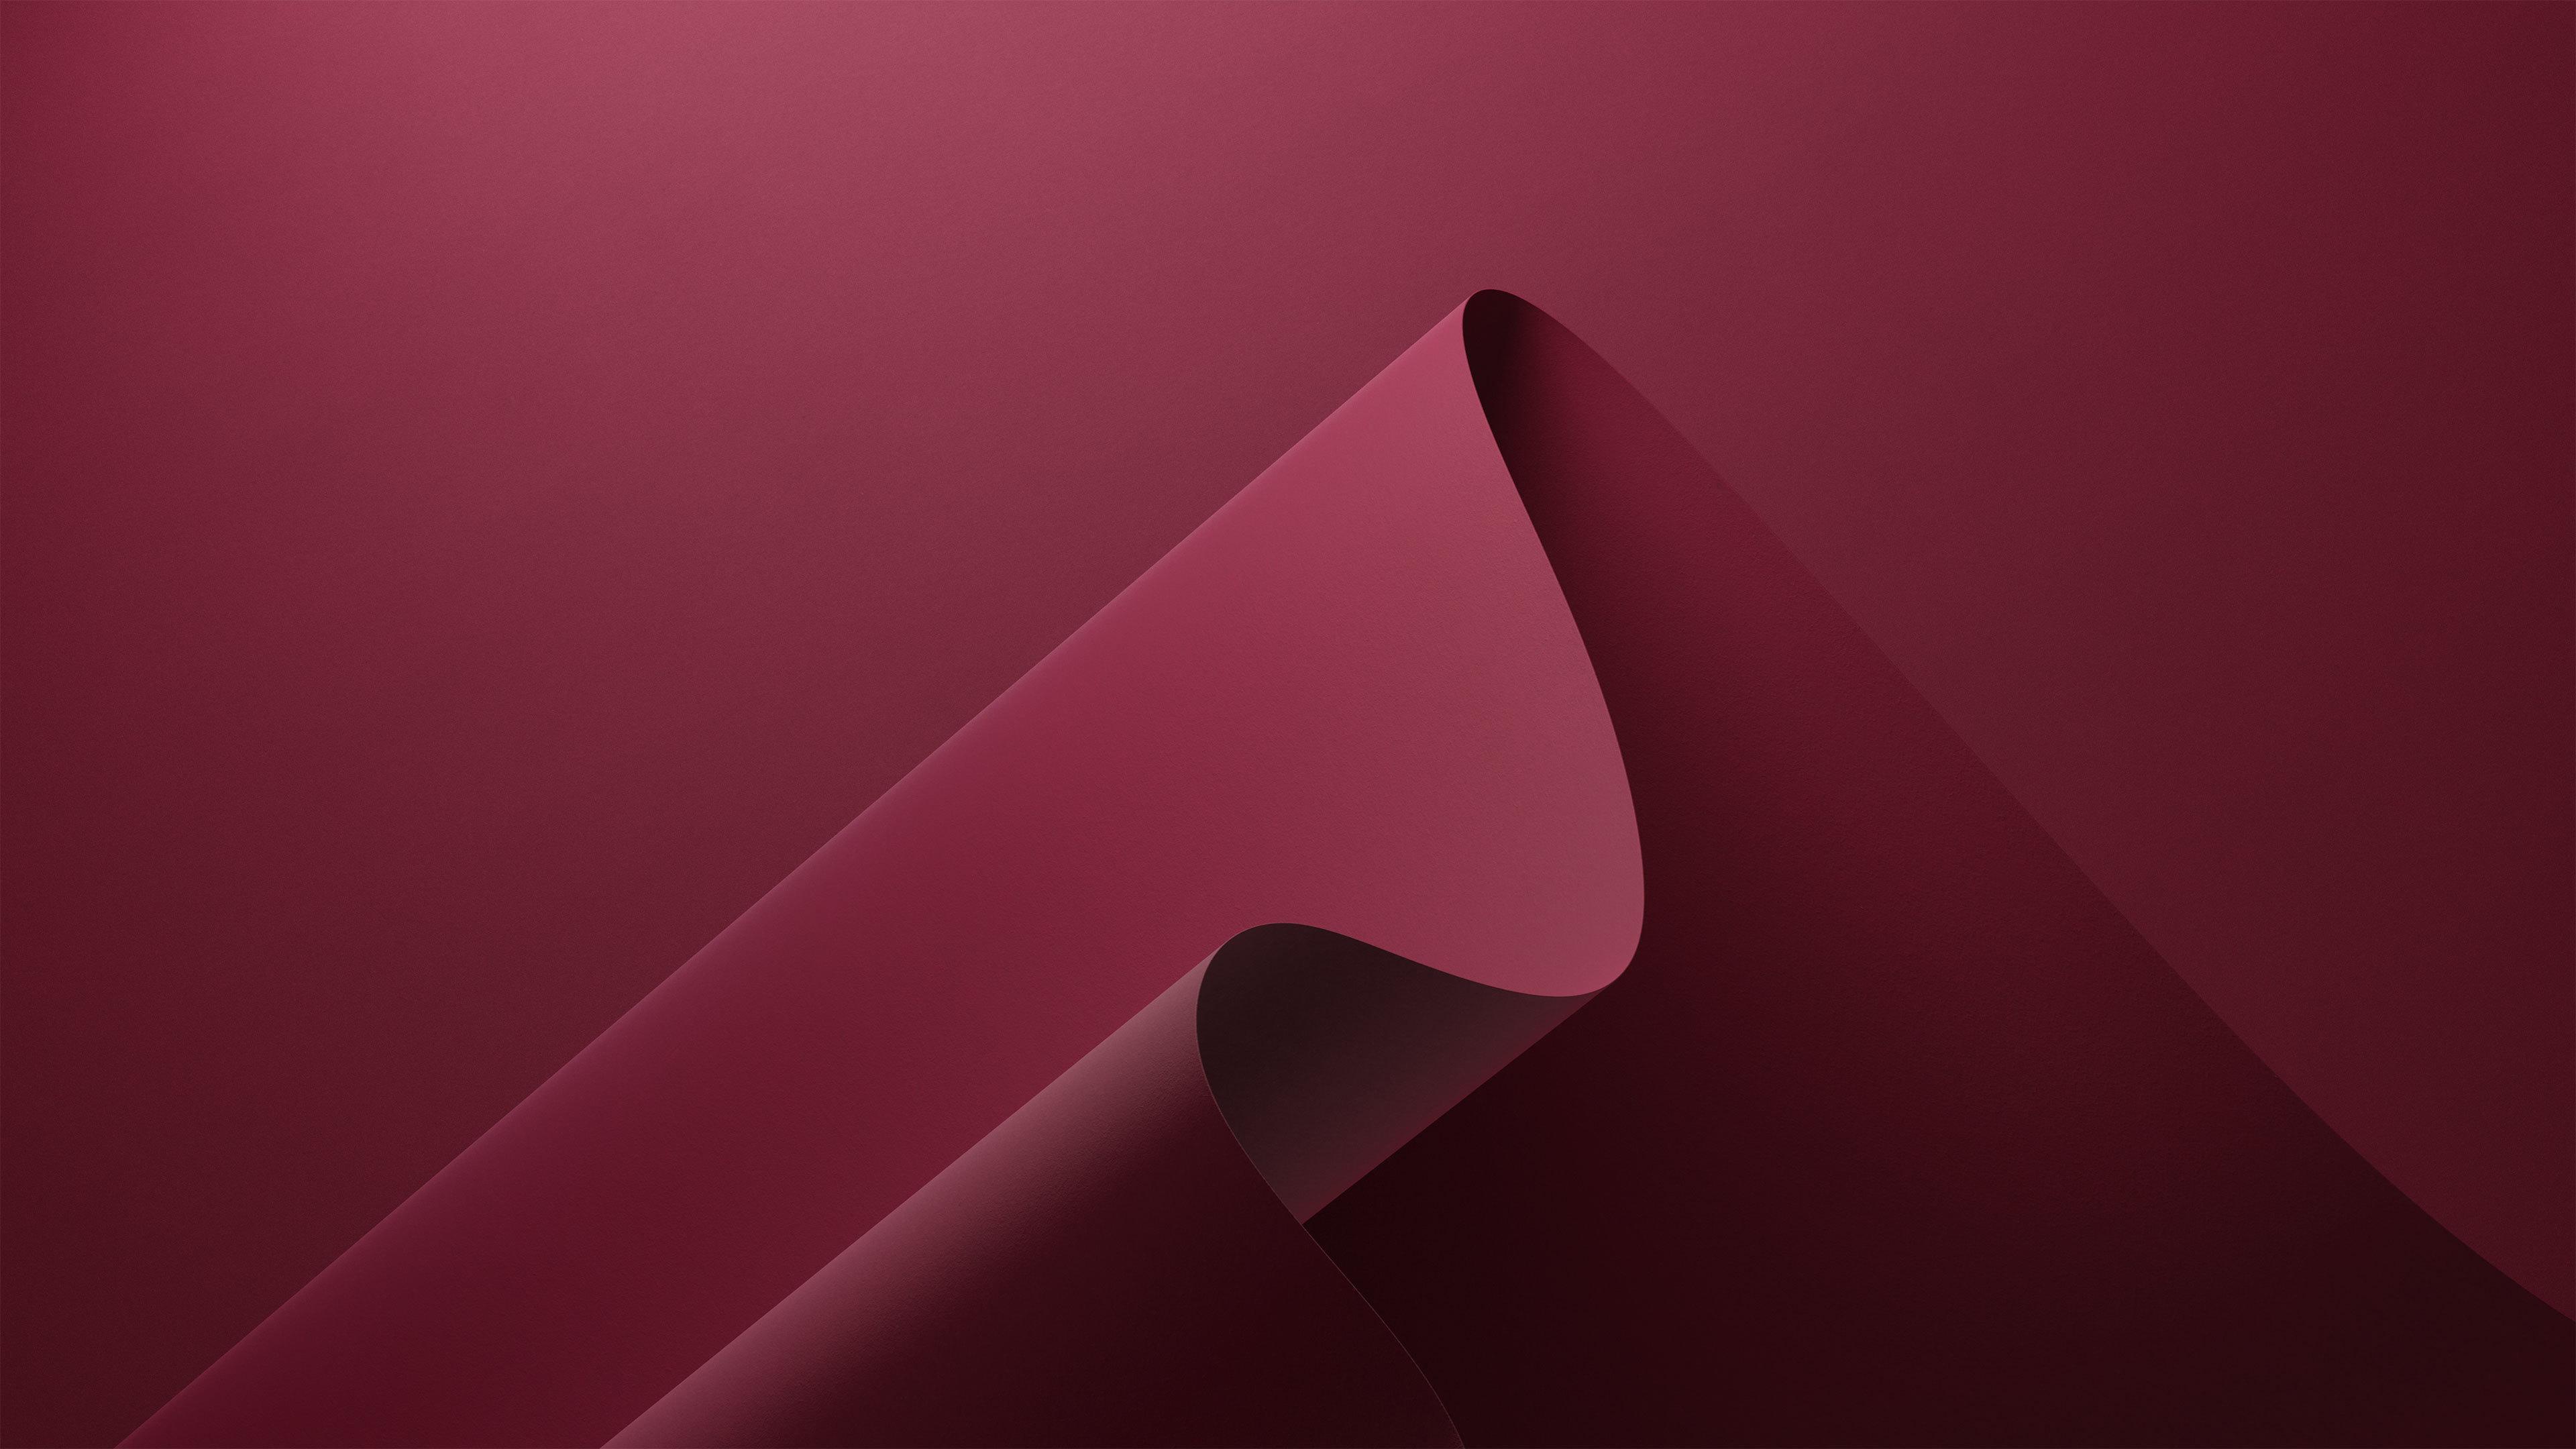 Landscape debrauw paper burgundy high res 1